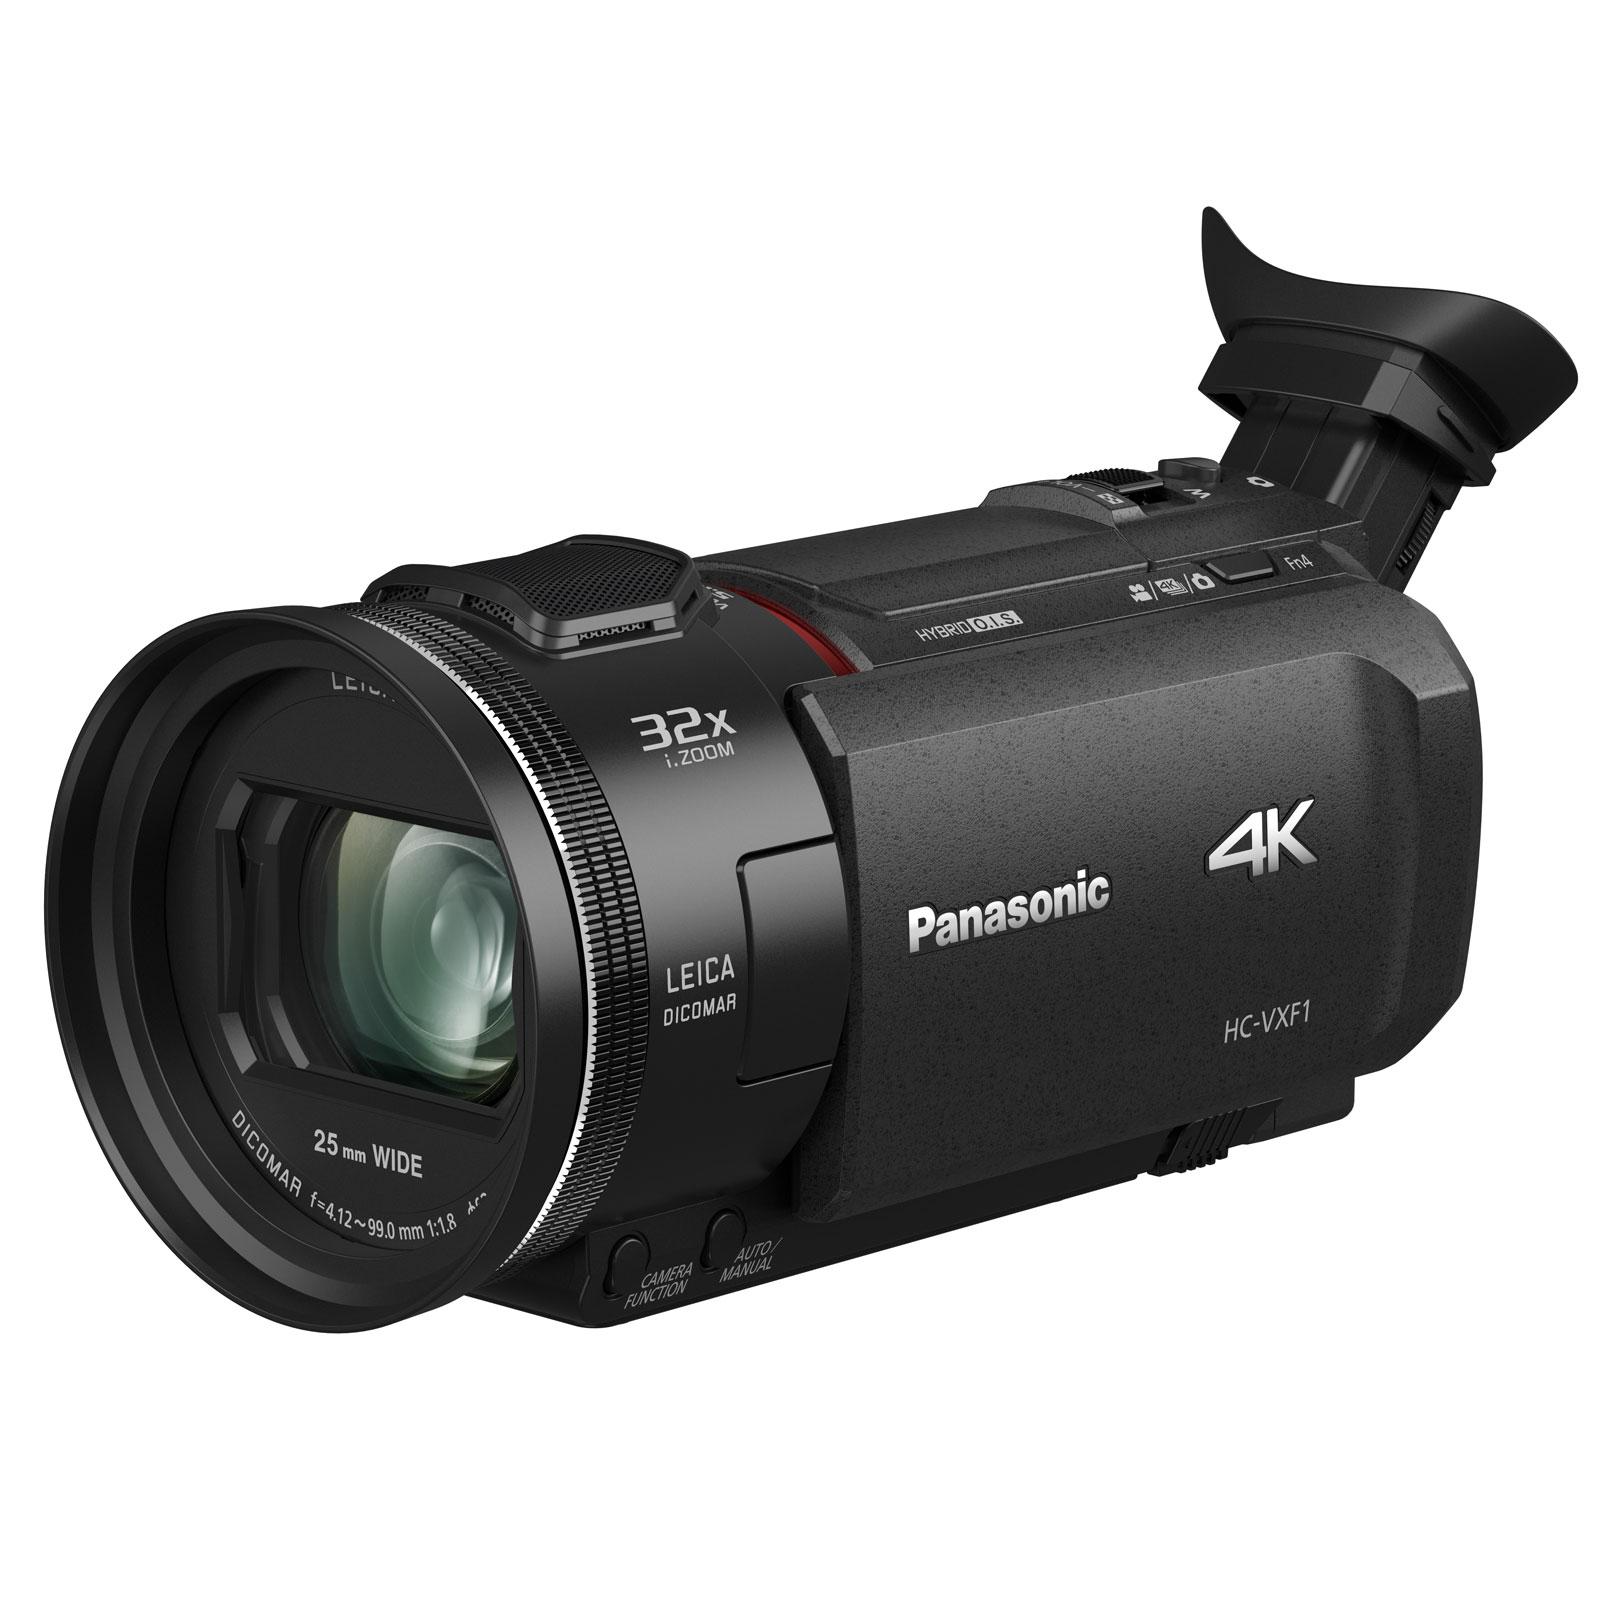 Caméscope numérique Panasonic HC-VXF1EF Noir Caméscope Ultra HD 4K - 8.29 mégapixels - Grand-angle 25 mm - Zoom optique 24x - Stabilisateur Hybrid O.I.S. - Viseur électronique - Wi-Fi